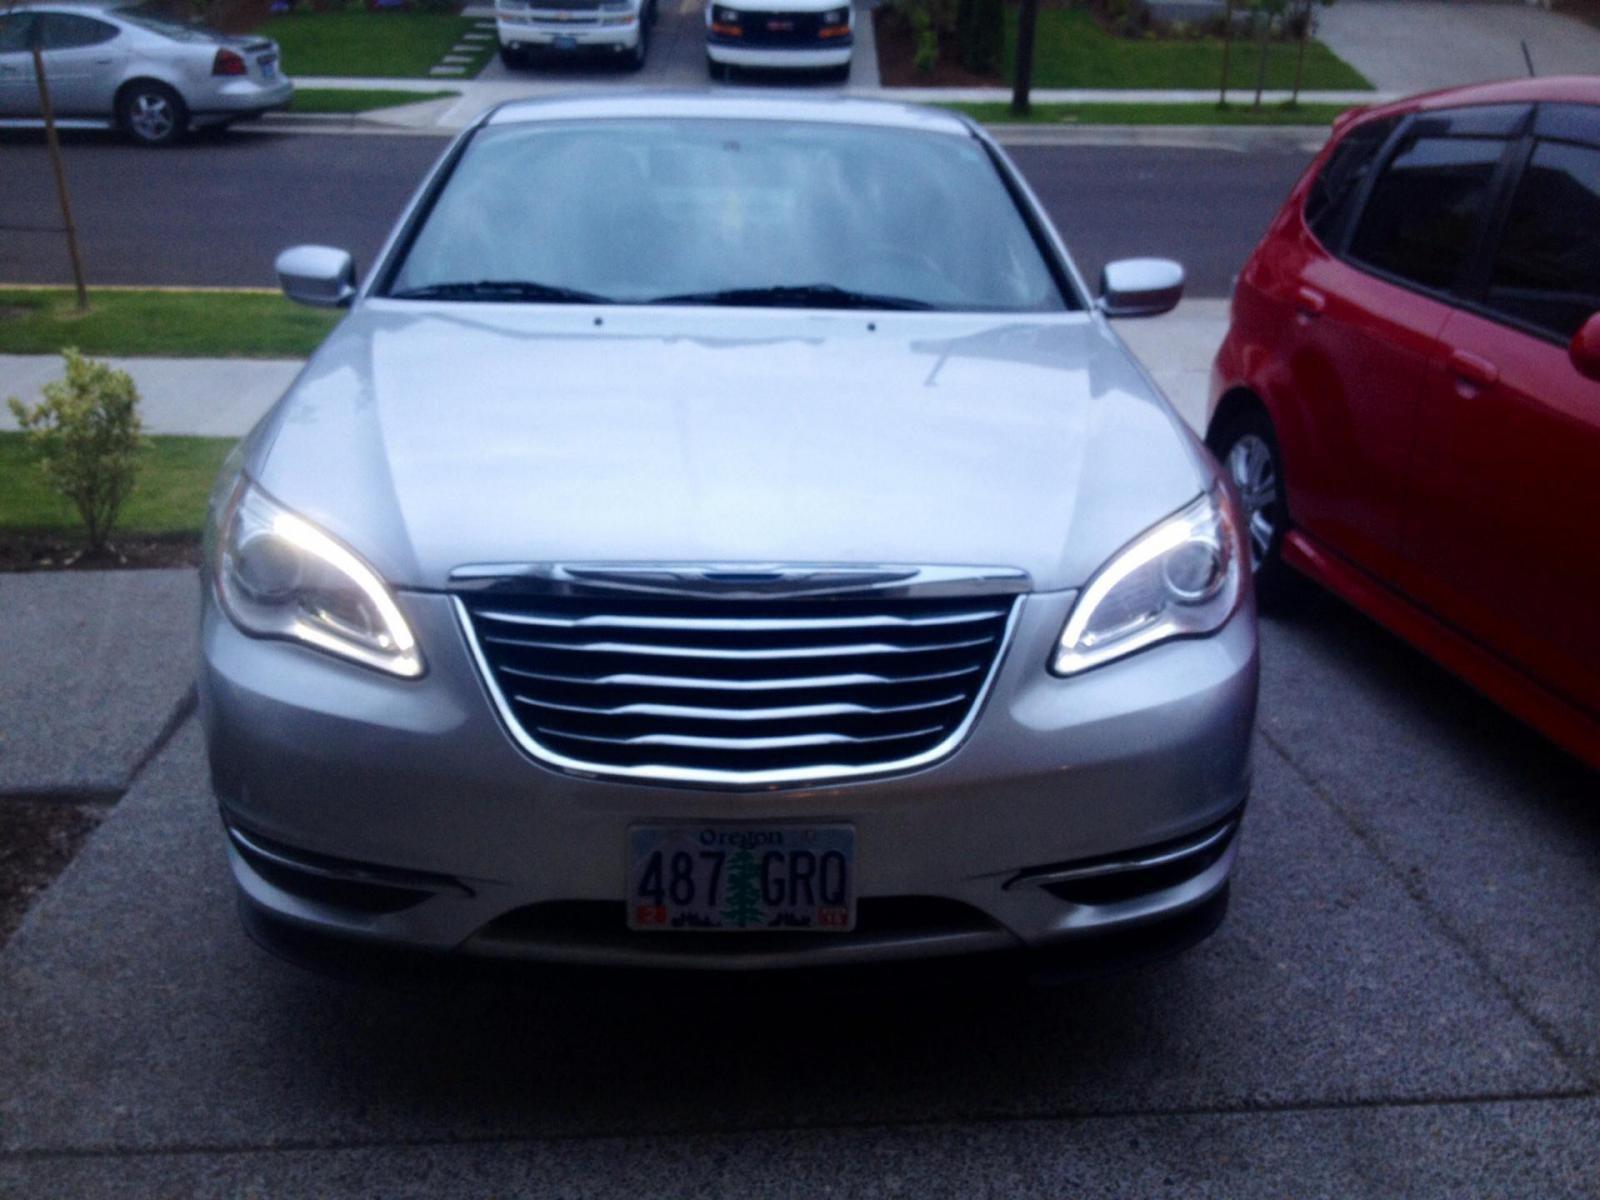 New Chrysler 200 >> New to me: 2012 Chrysler 200 Touring